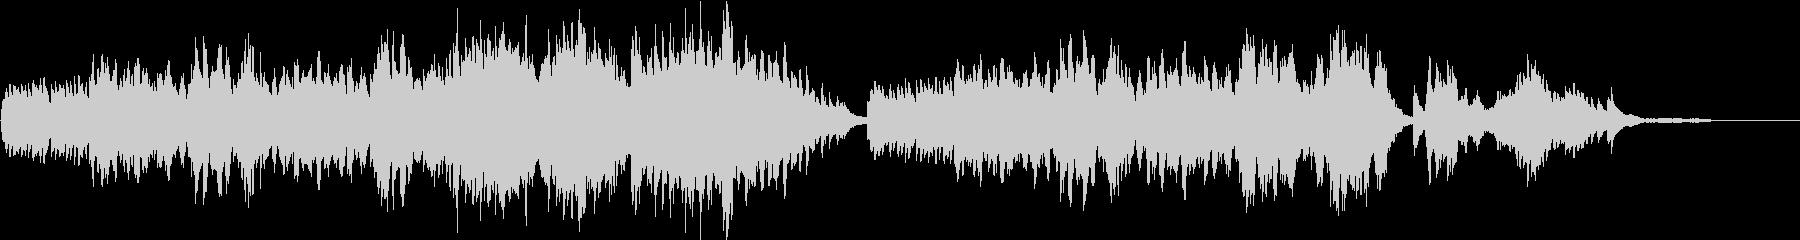 【生演奏】美しいワルツをバイオリンで♪の未再生の波形